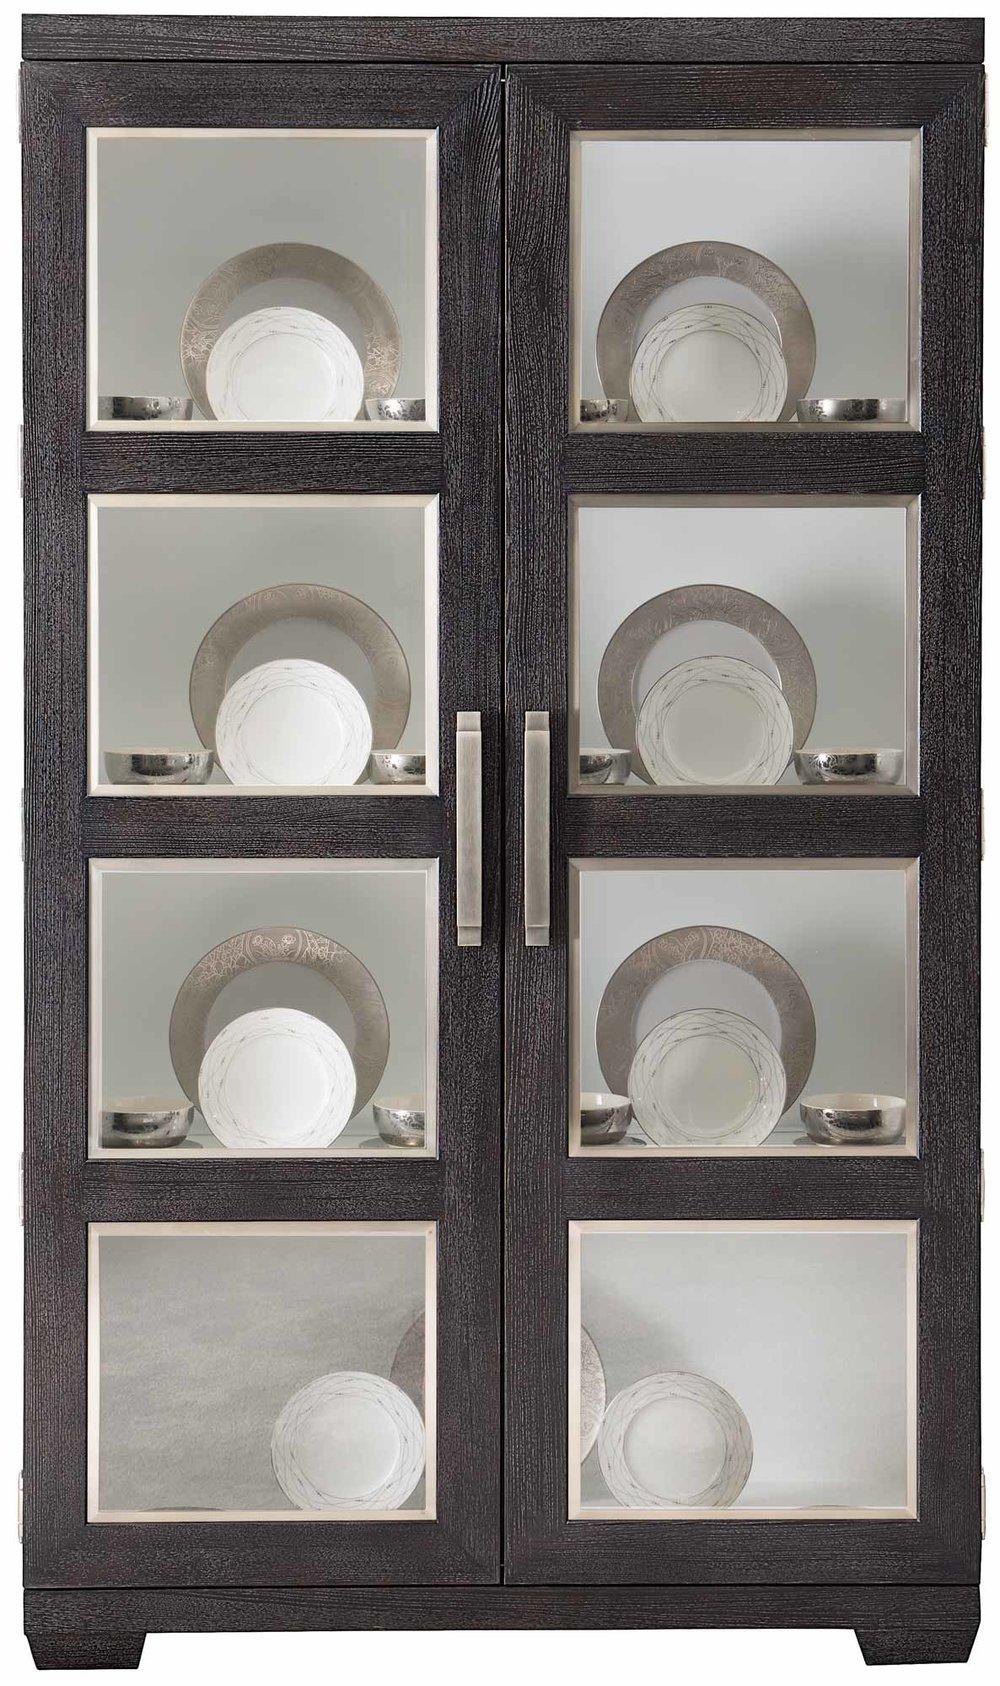 Bernhardt cabinet for dining room